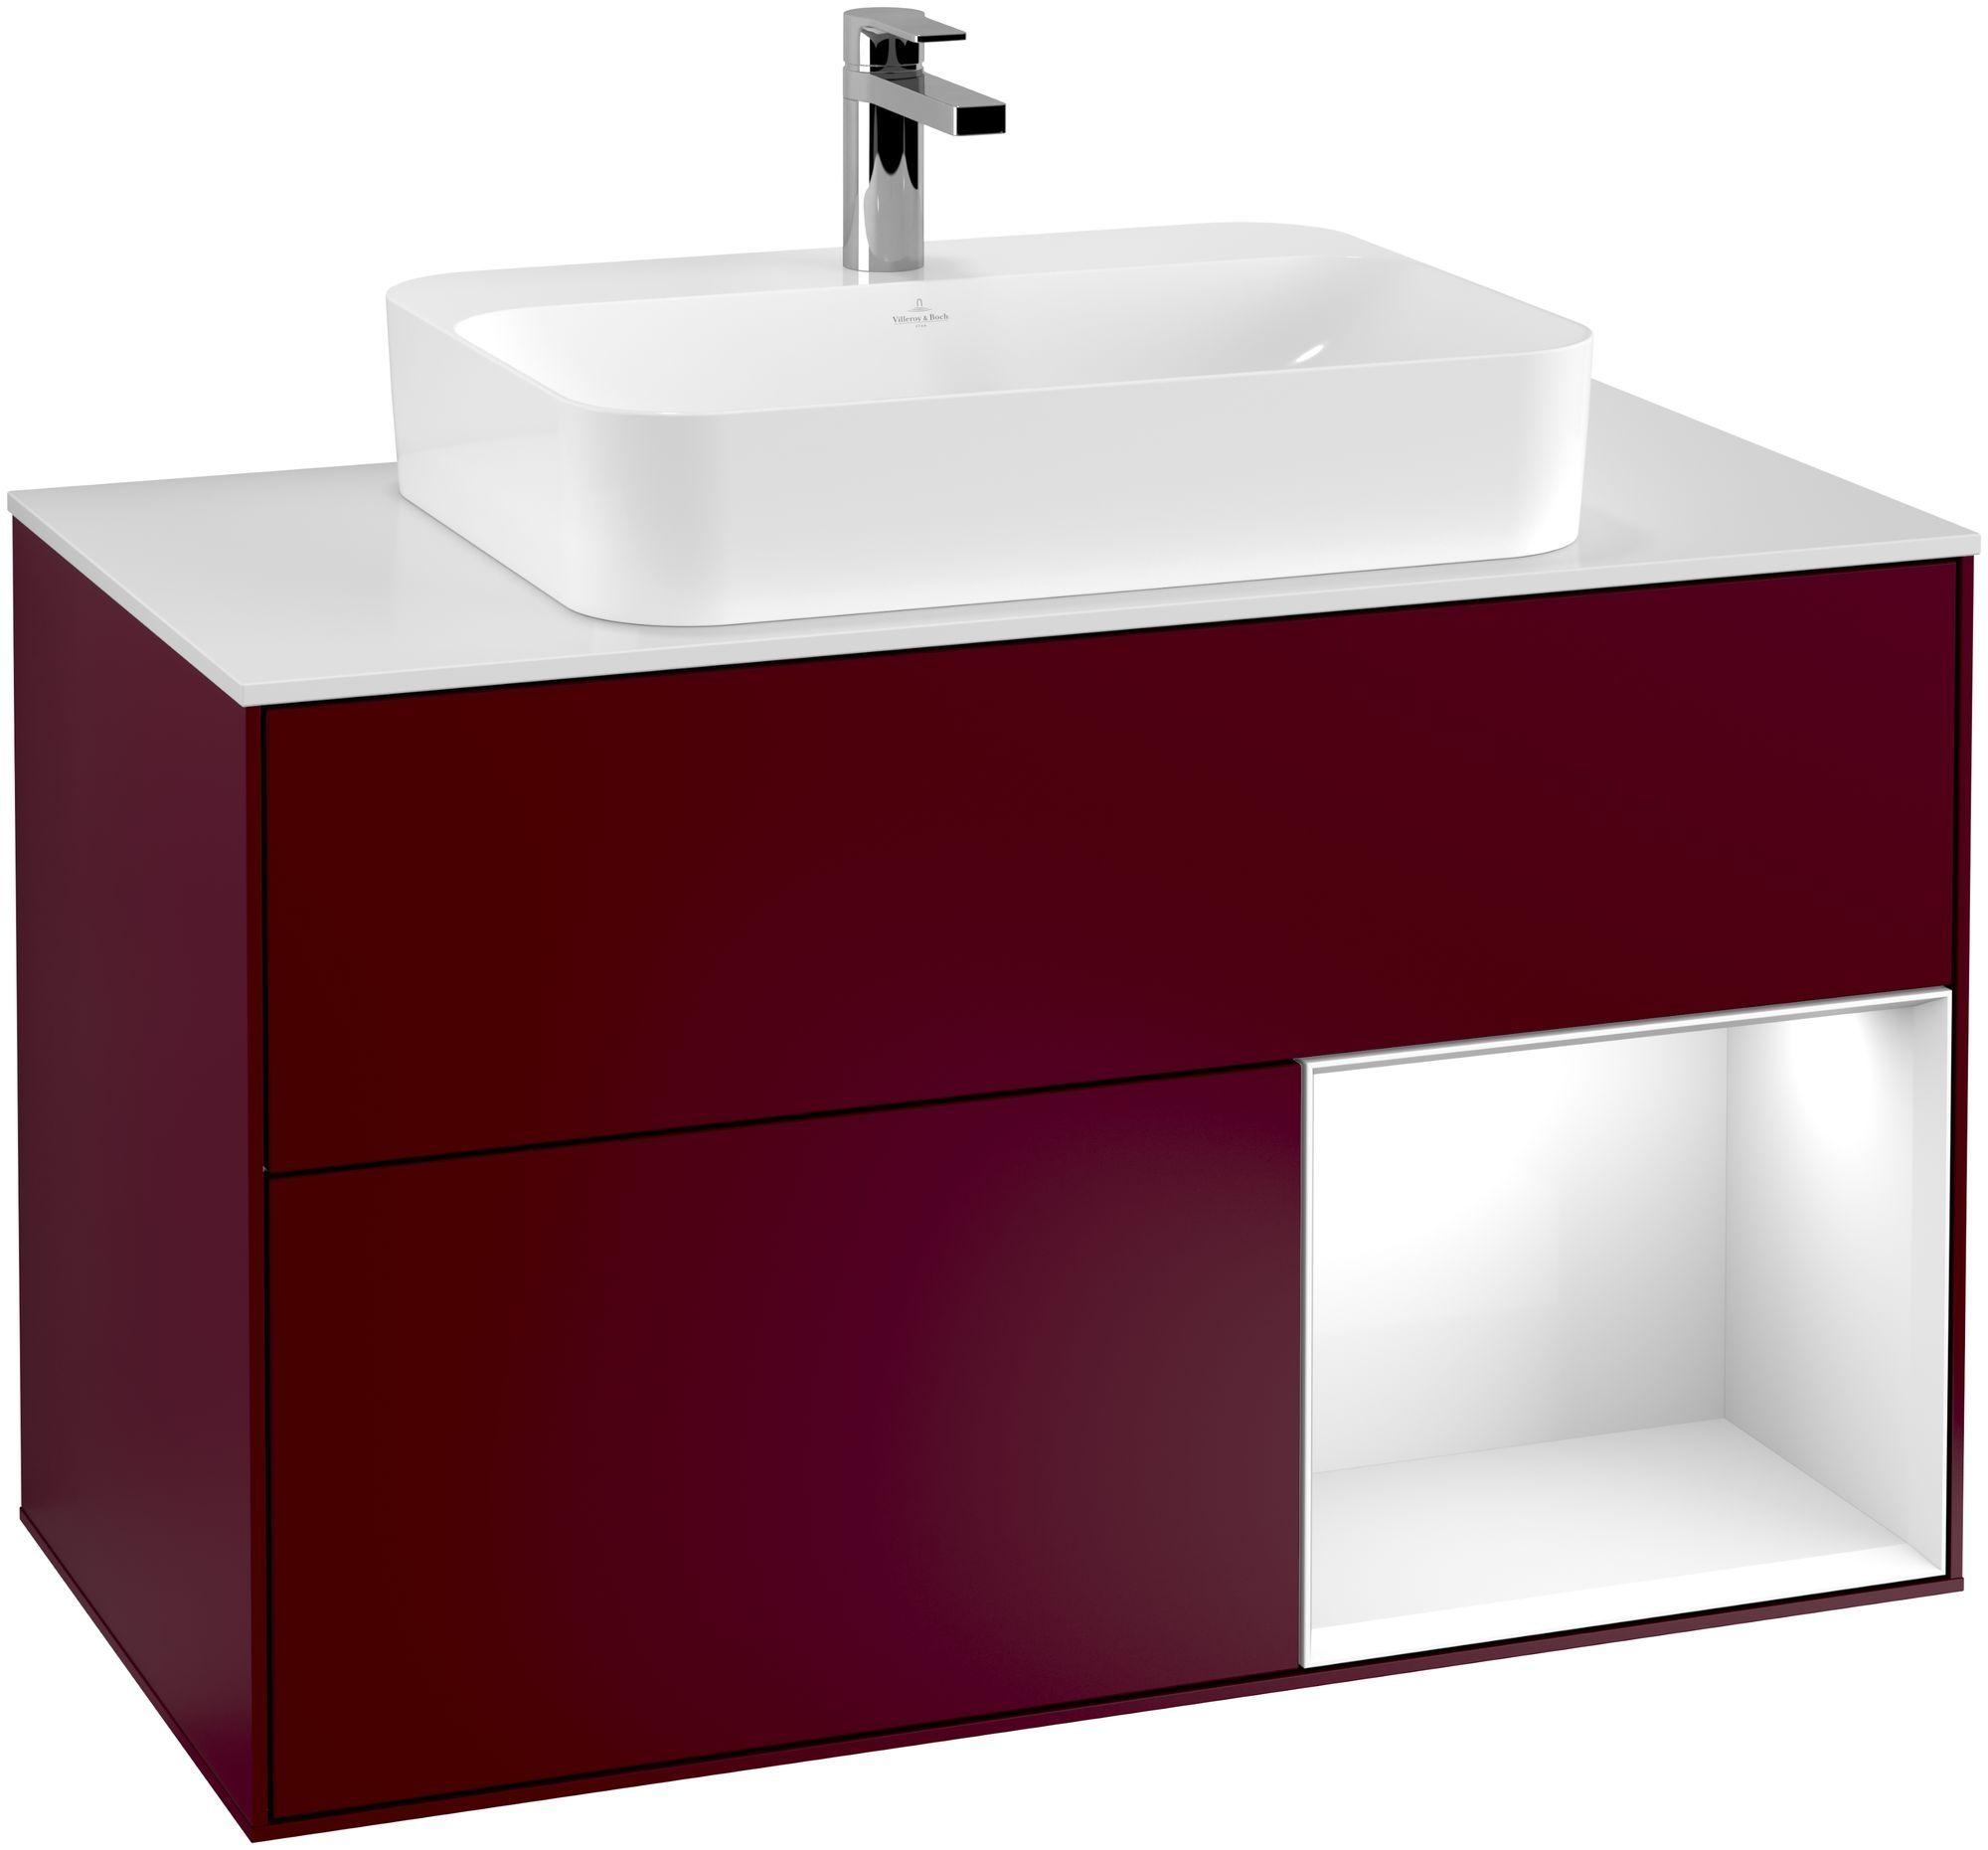 Villeroy & Boch Finion F37 Waschtischunterschrank mit Regalelement 2 Auszüge für WT mittig LED-Beleuchtung B:100xH:60,3xT:50,1cm Front, Korpus: Peony, Regal: Glossy White Lack, Glasplatte: White Matt F371GFHB